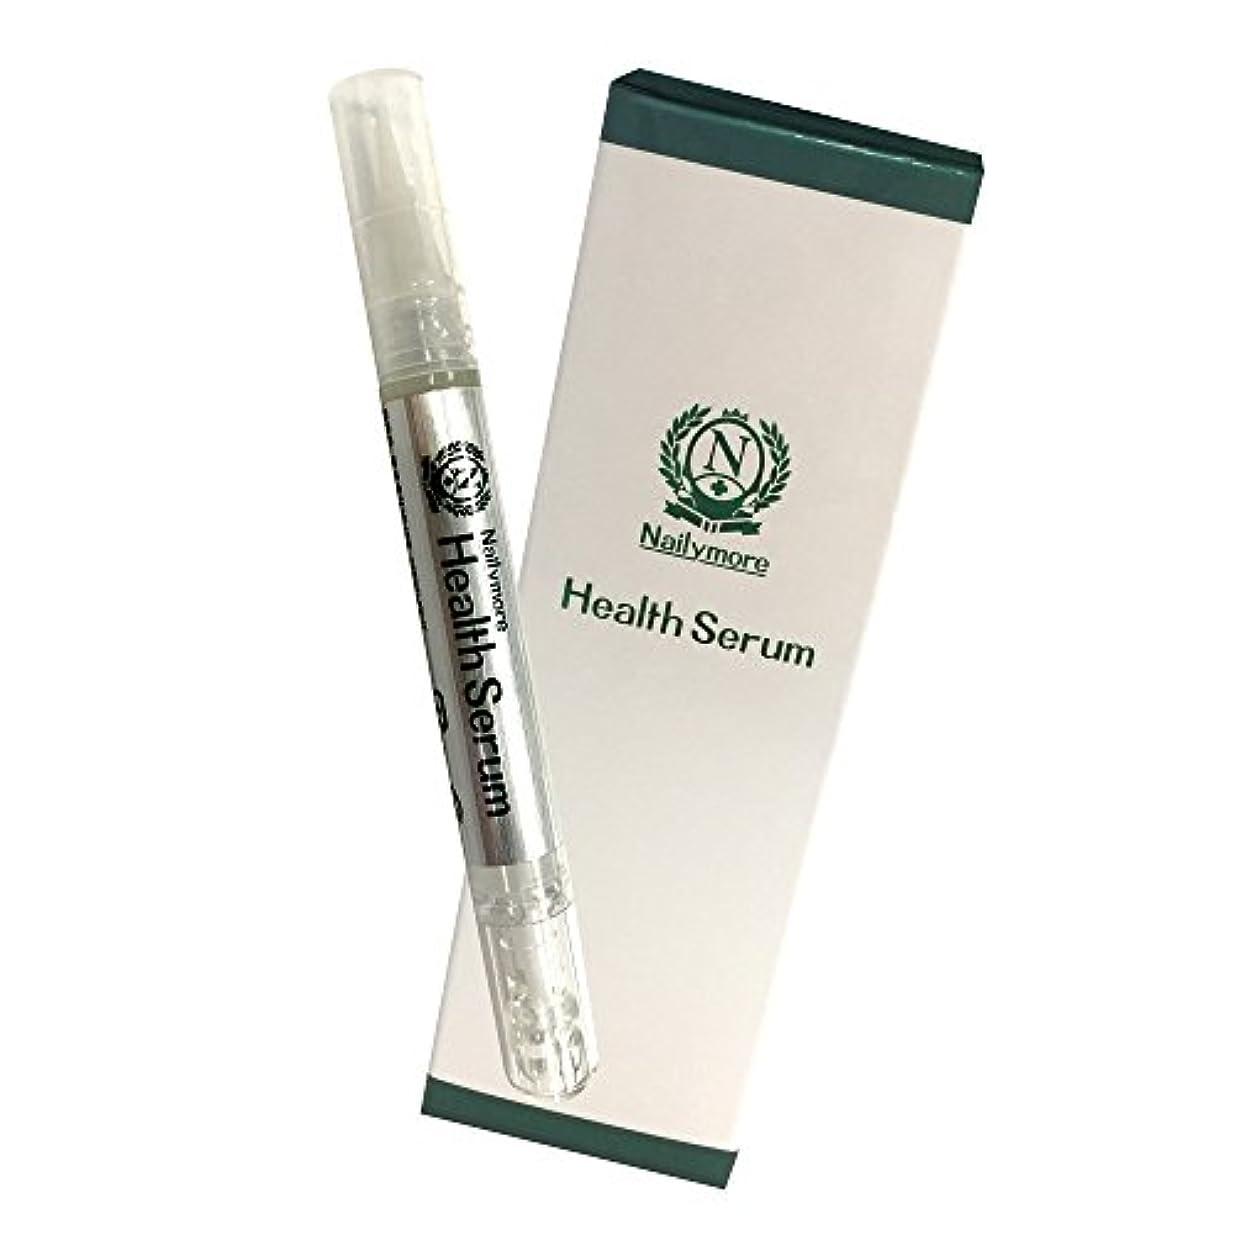 凍結電信パートナーヘルスセラム 爪用美容液 Health Serum